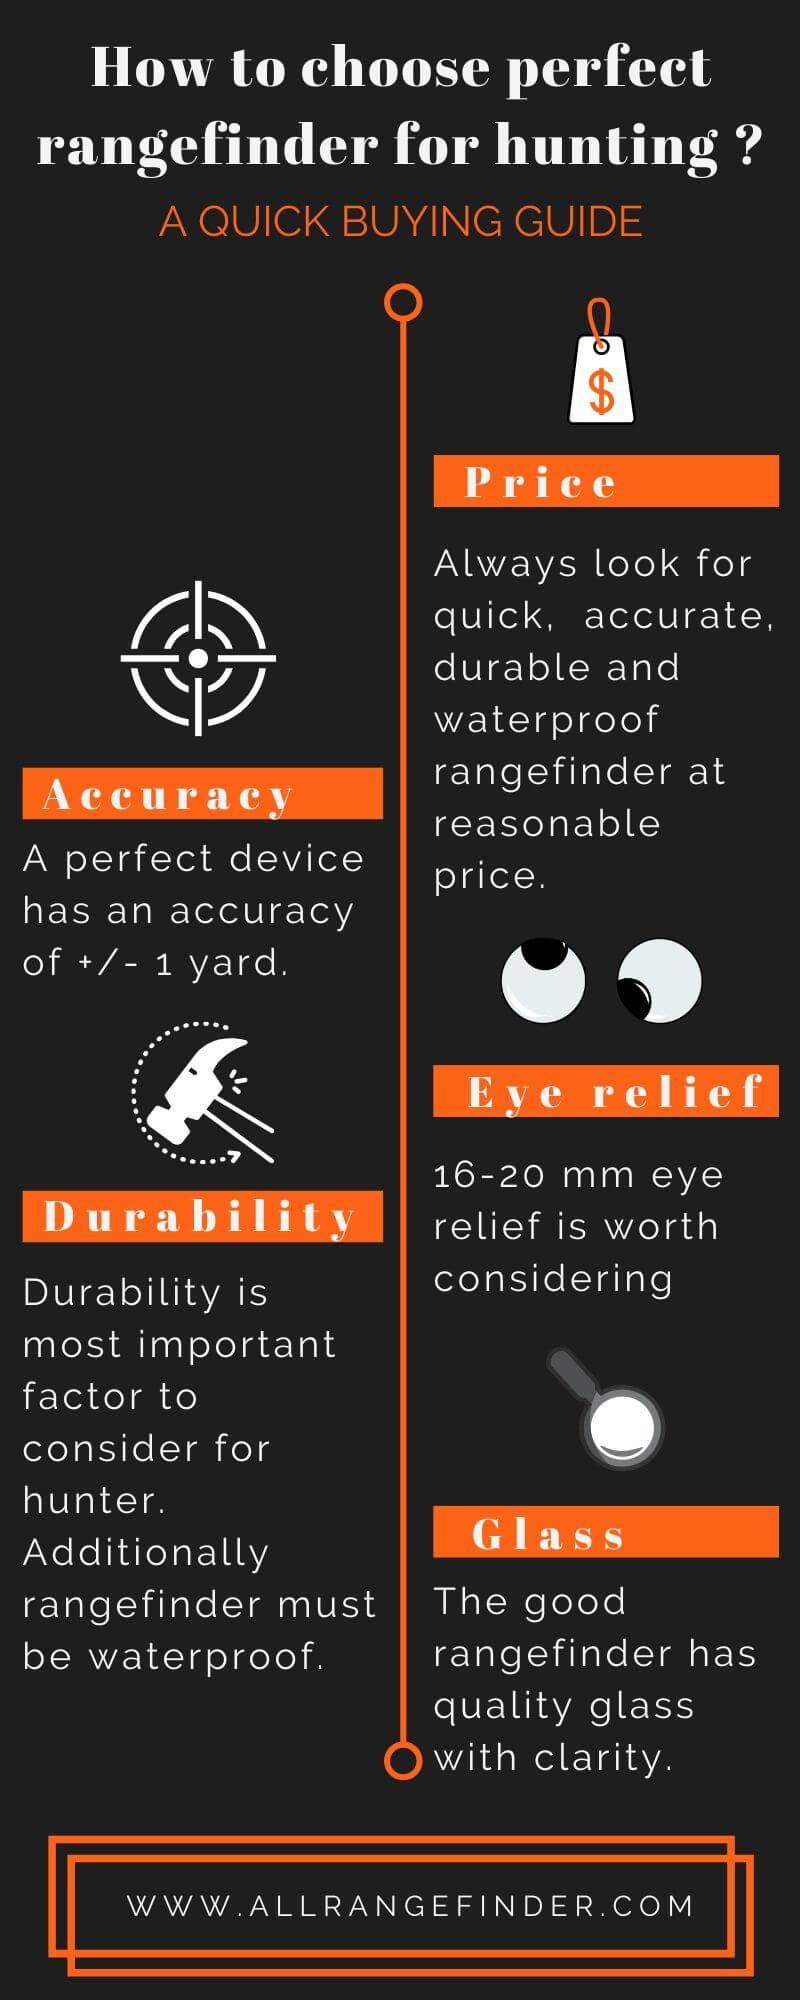 Best Budget Rangefinder for Hunting